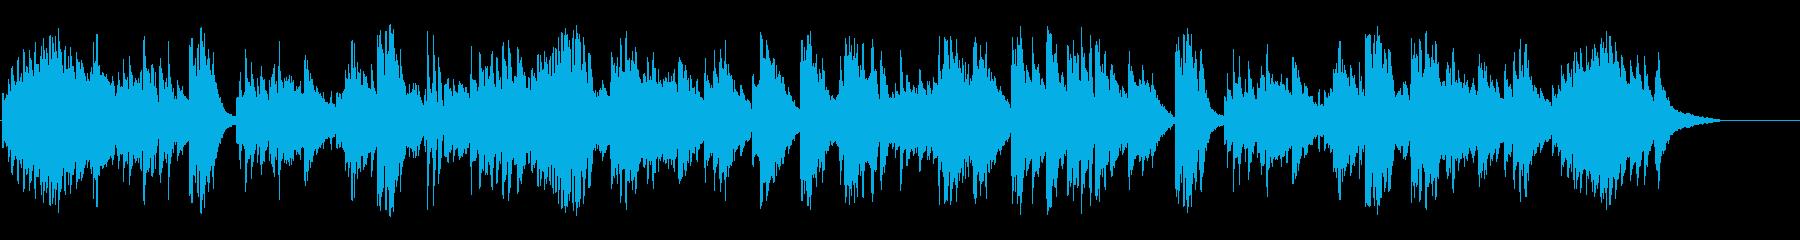 休日の午後の安らぎのピアノソロの再生済みの波形